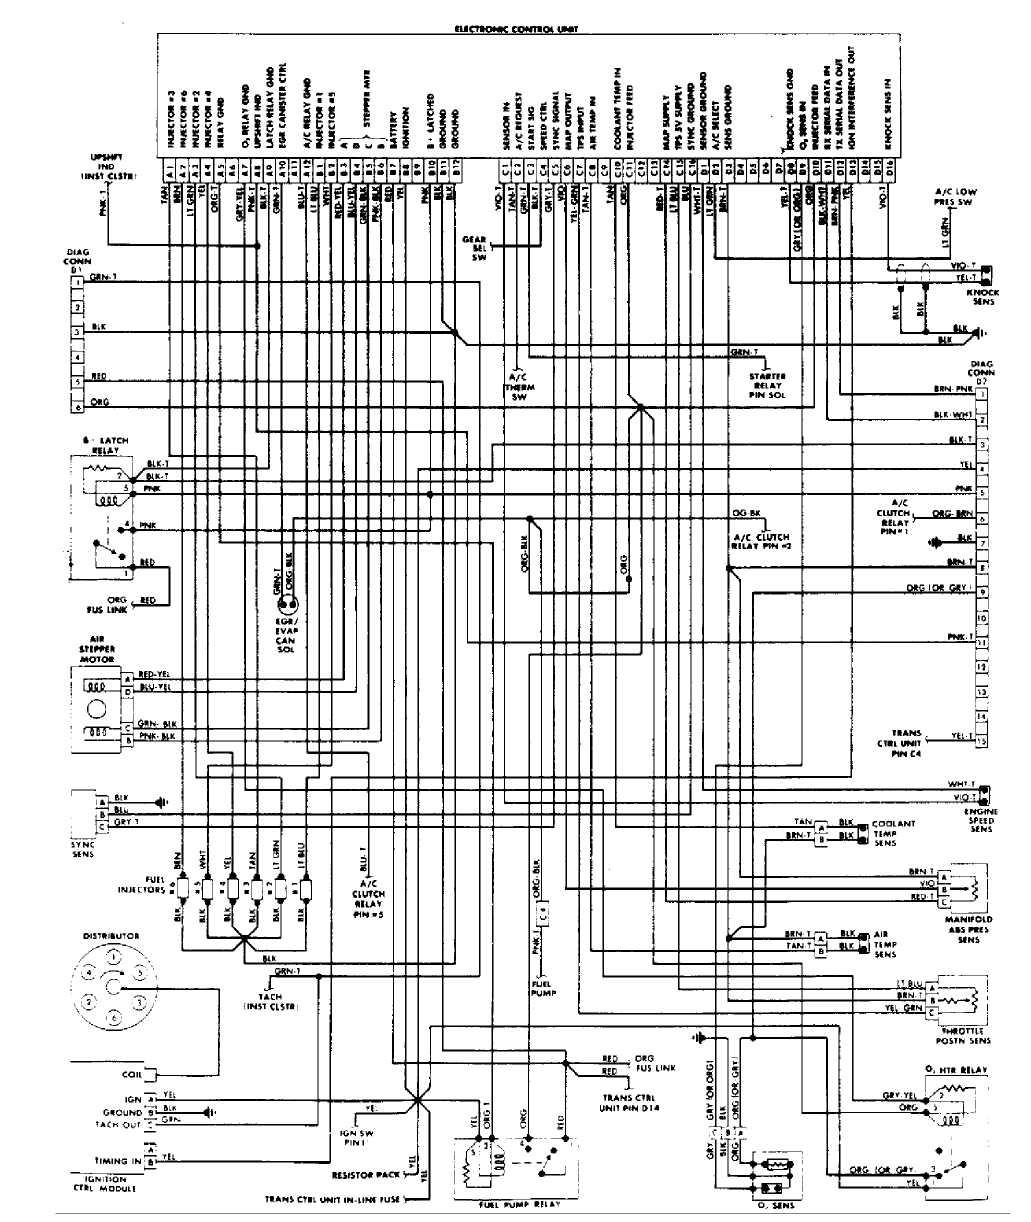 Ungewöhnlich Cat 3126 Ecm Schaltplan Galerie - Der Schaltplan ...